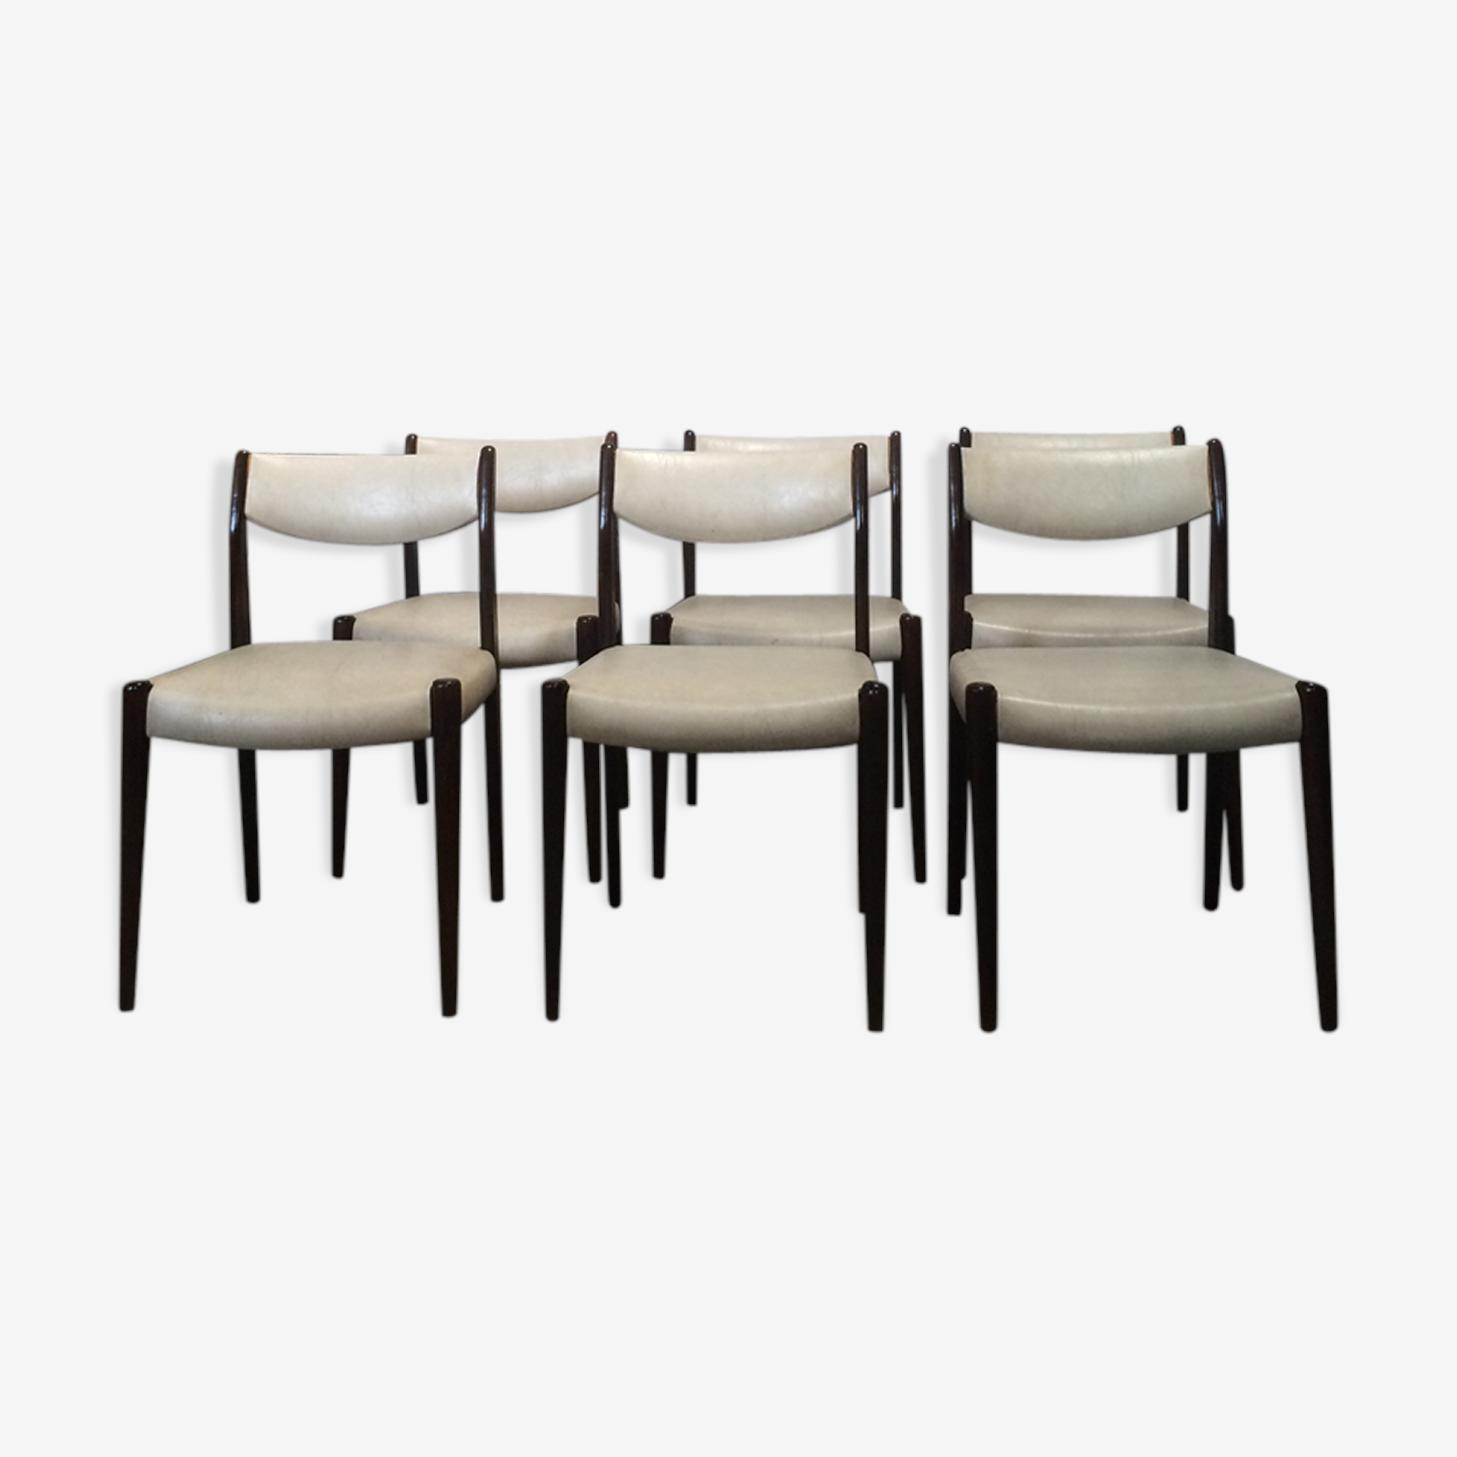 Suite de 6 chaises scandinaves en skai blanc vintage des années 50-60